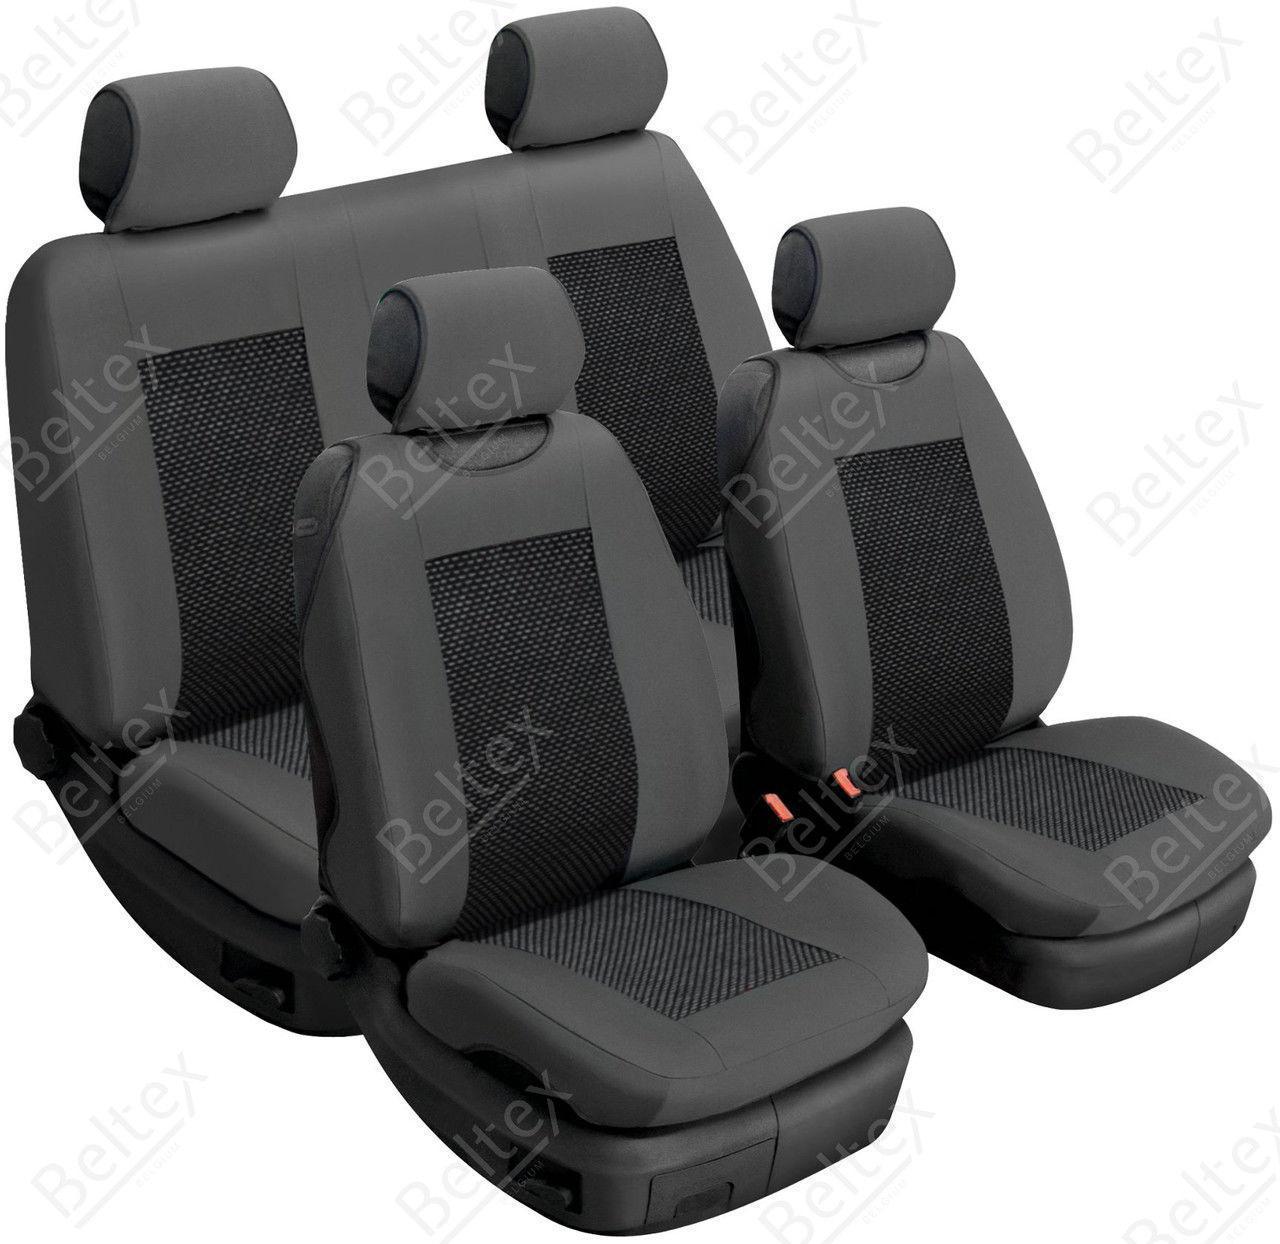 Майки/чехлы на сиденья БМВ Х3 Е83 (BMW X3 E83)